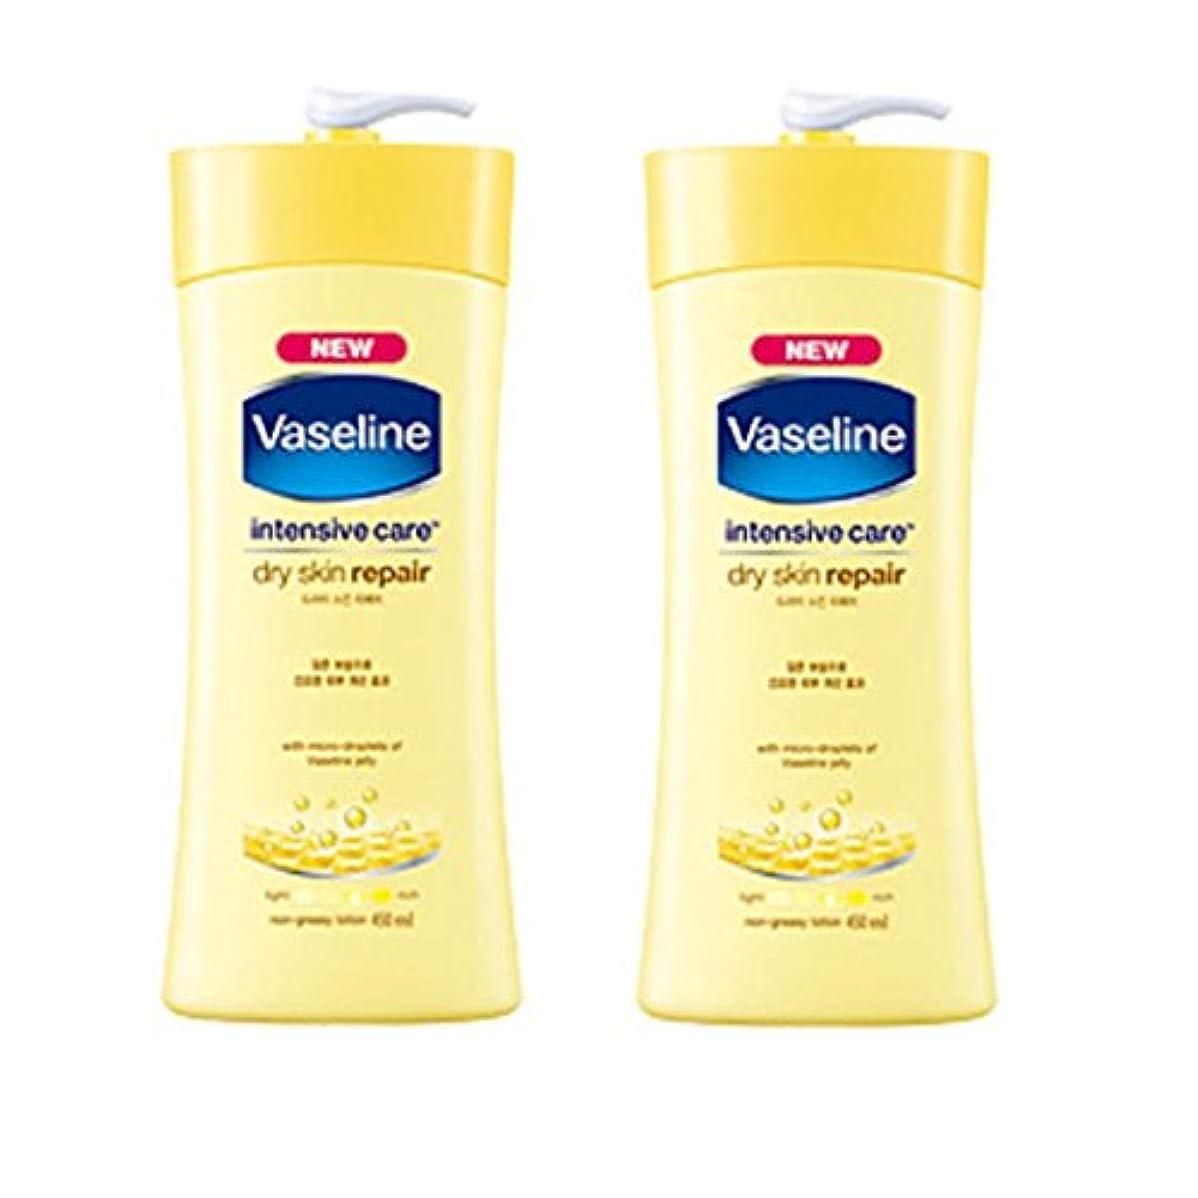 廃止するペンのヴァセリン インテンシブケア ドライスキン リペアローション(Vaseline Intensive Care Dry Skin Repair Lotion) 450ml X 2個 [並行輸入品]